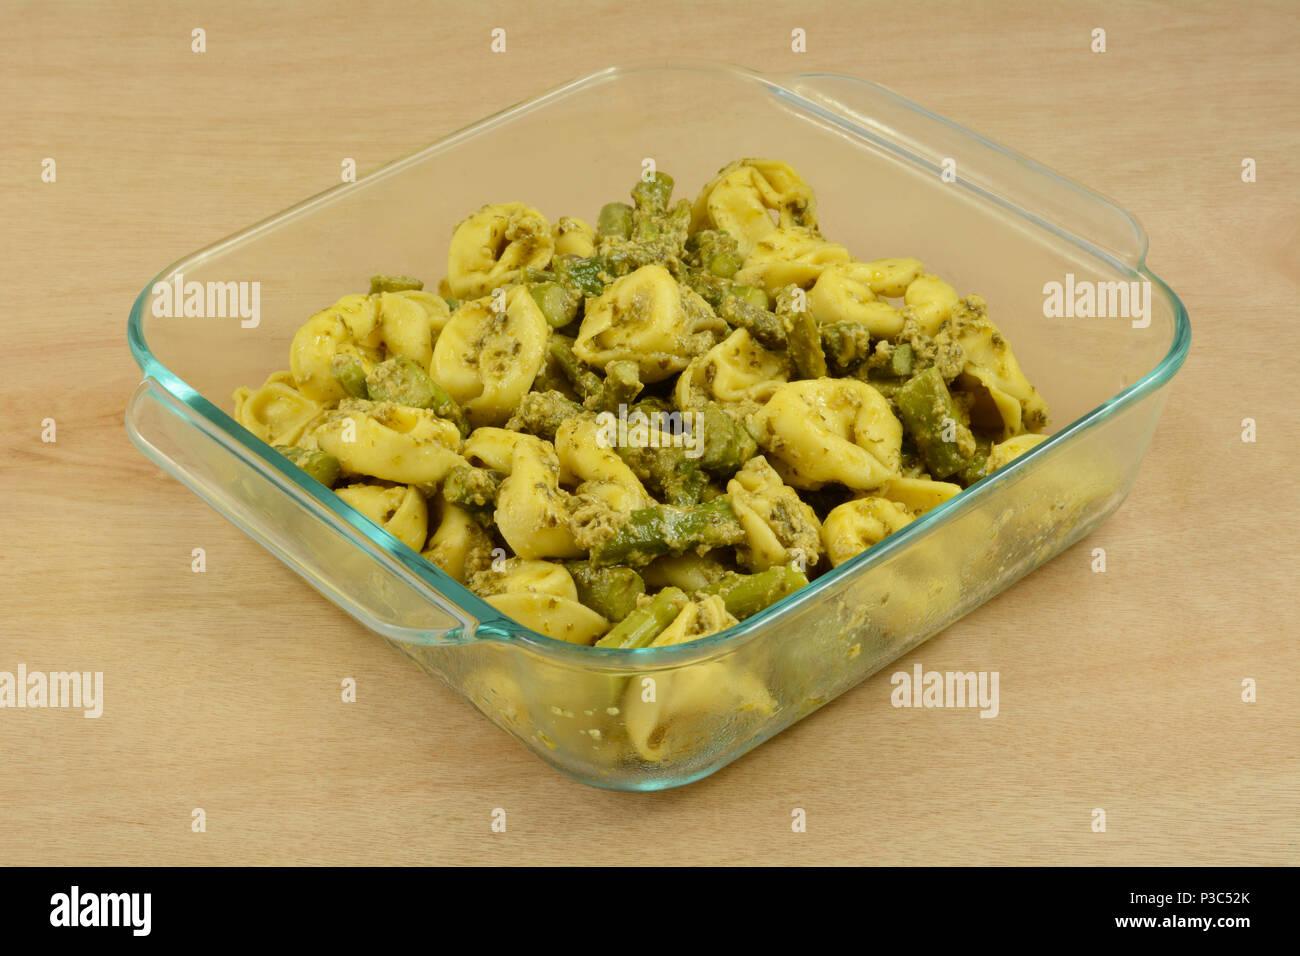 Preparazione dei tortellini di formaggio e pesto di asparagi in casseruola di vetro piatto di cottura in anticipo per una rapida cena nei giorni feriali Immagini Stock